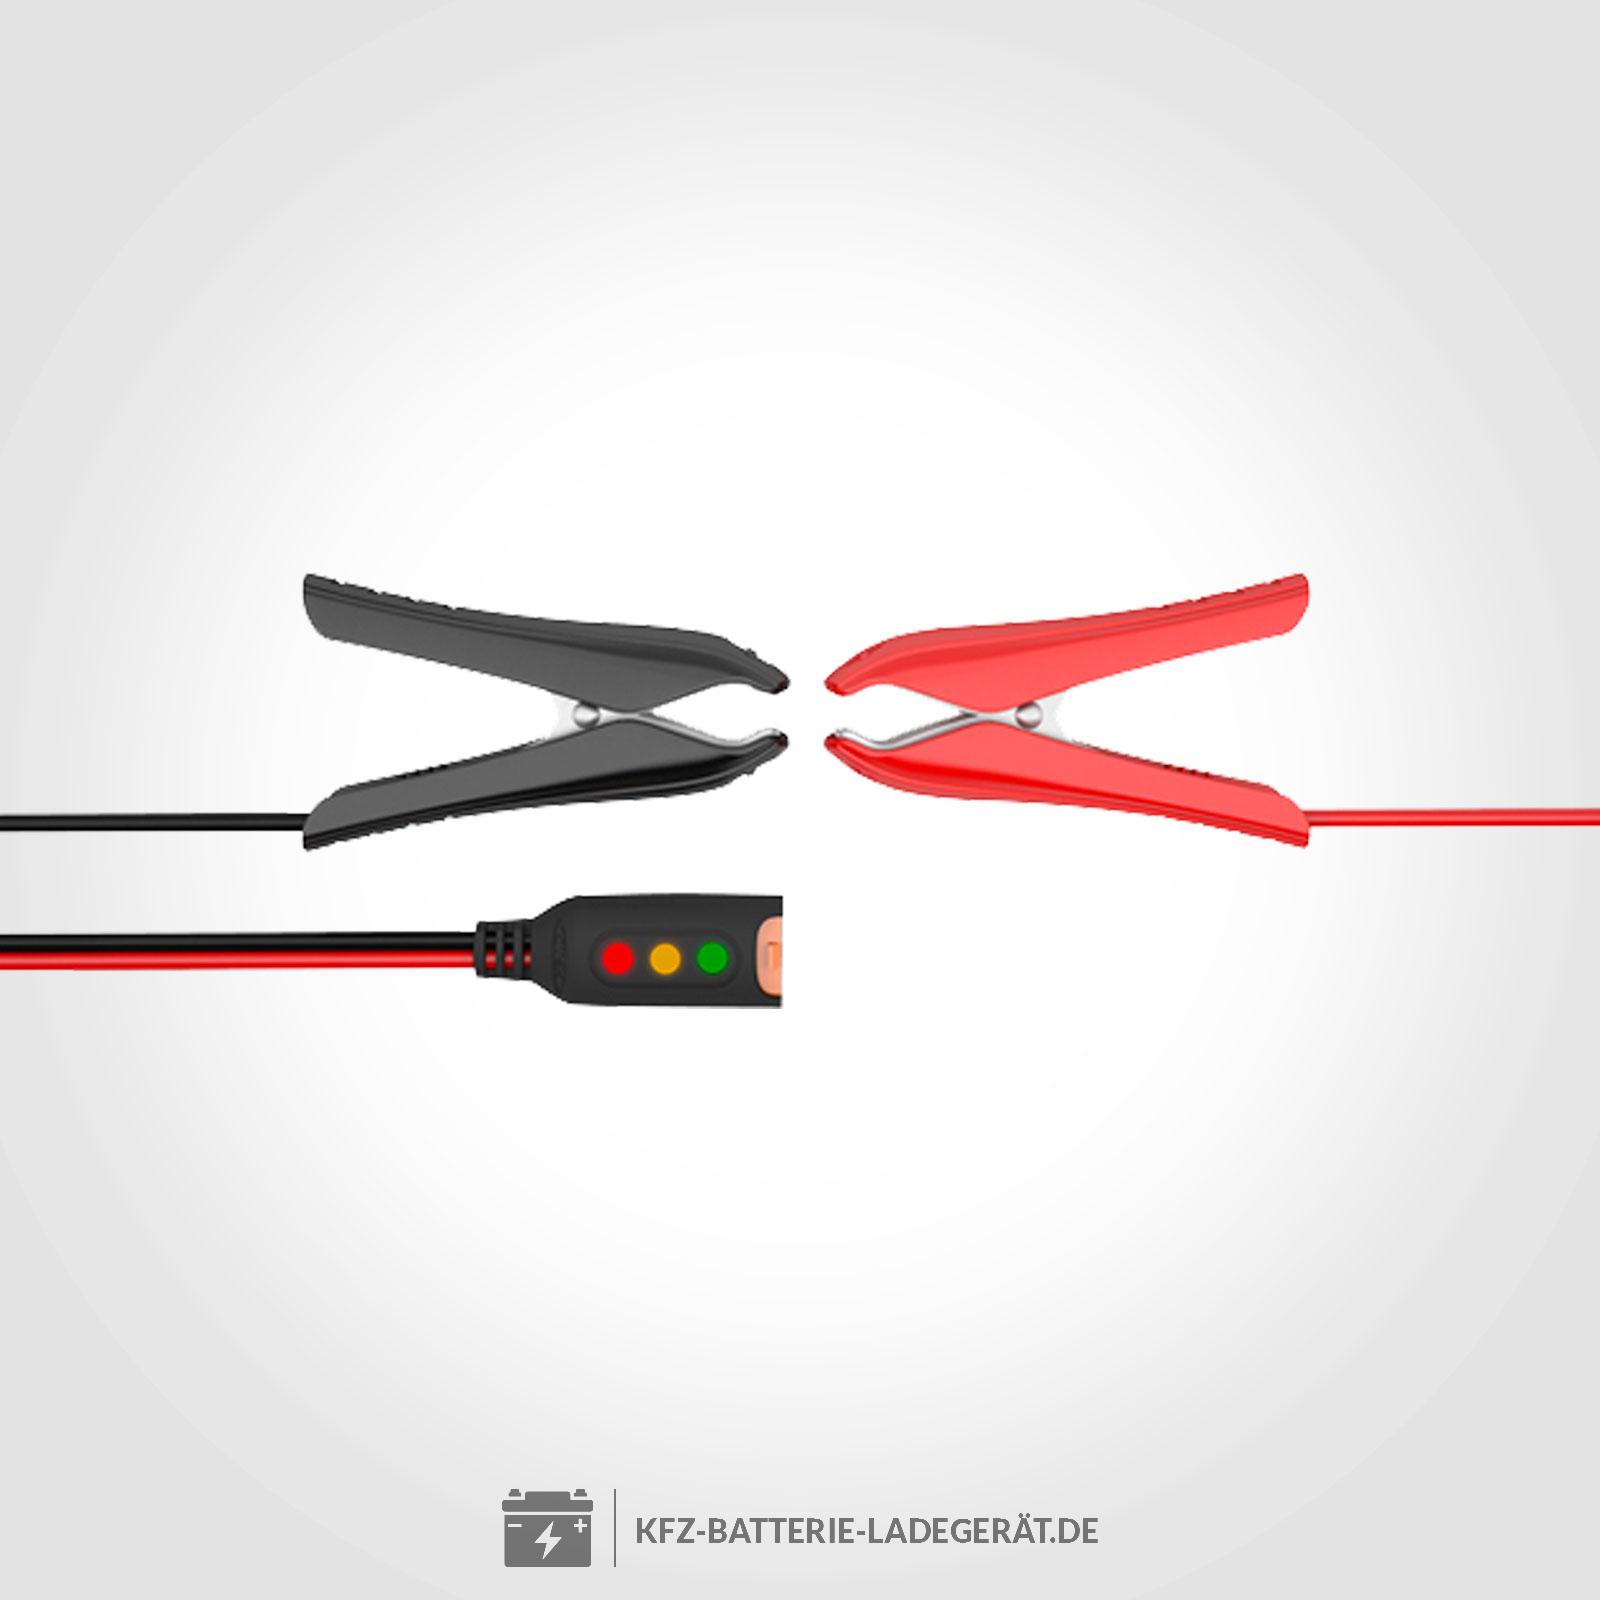 Ctek Ladekabel Mit Klemmen Und Led Batterie Statusanzeige Wiring Diagram